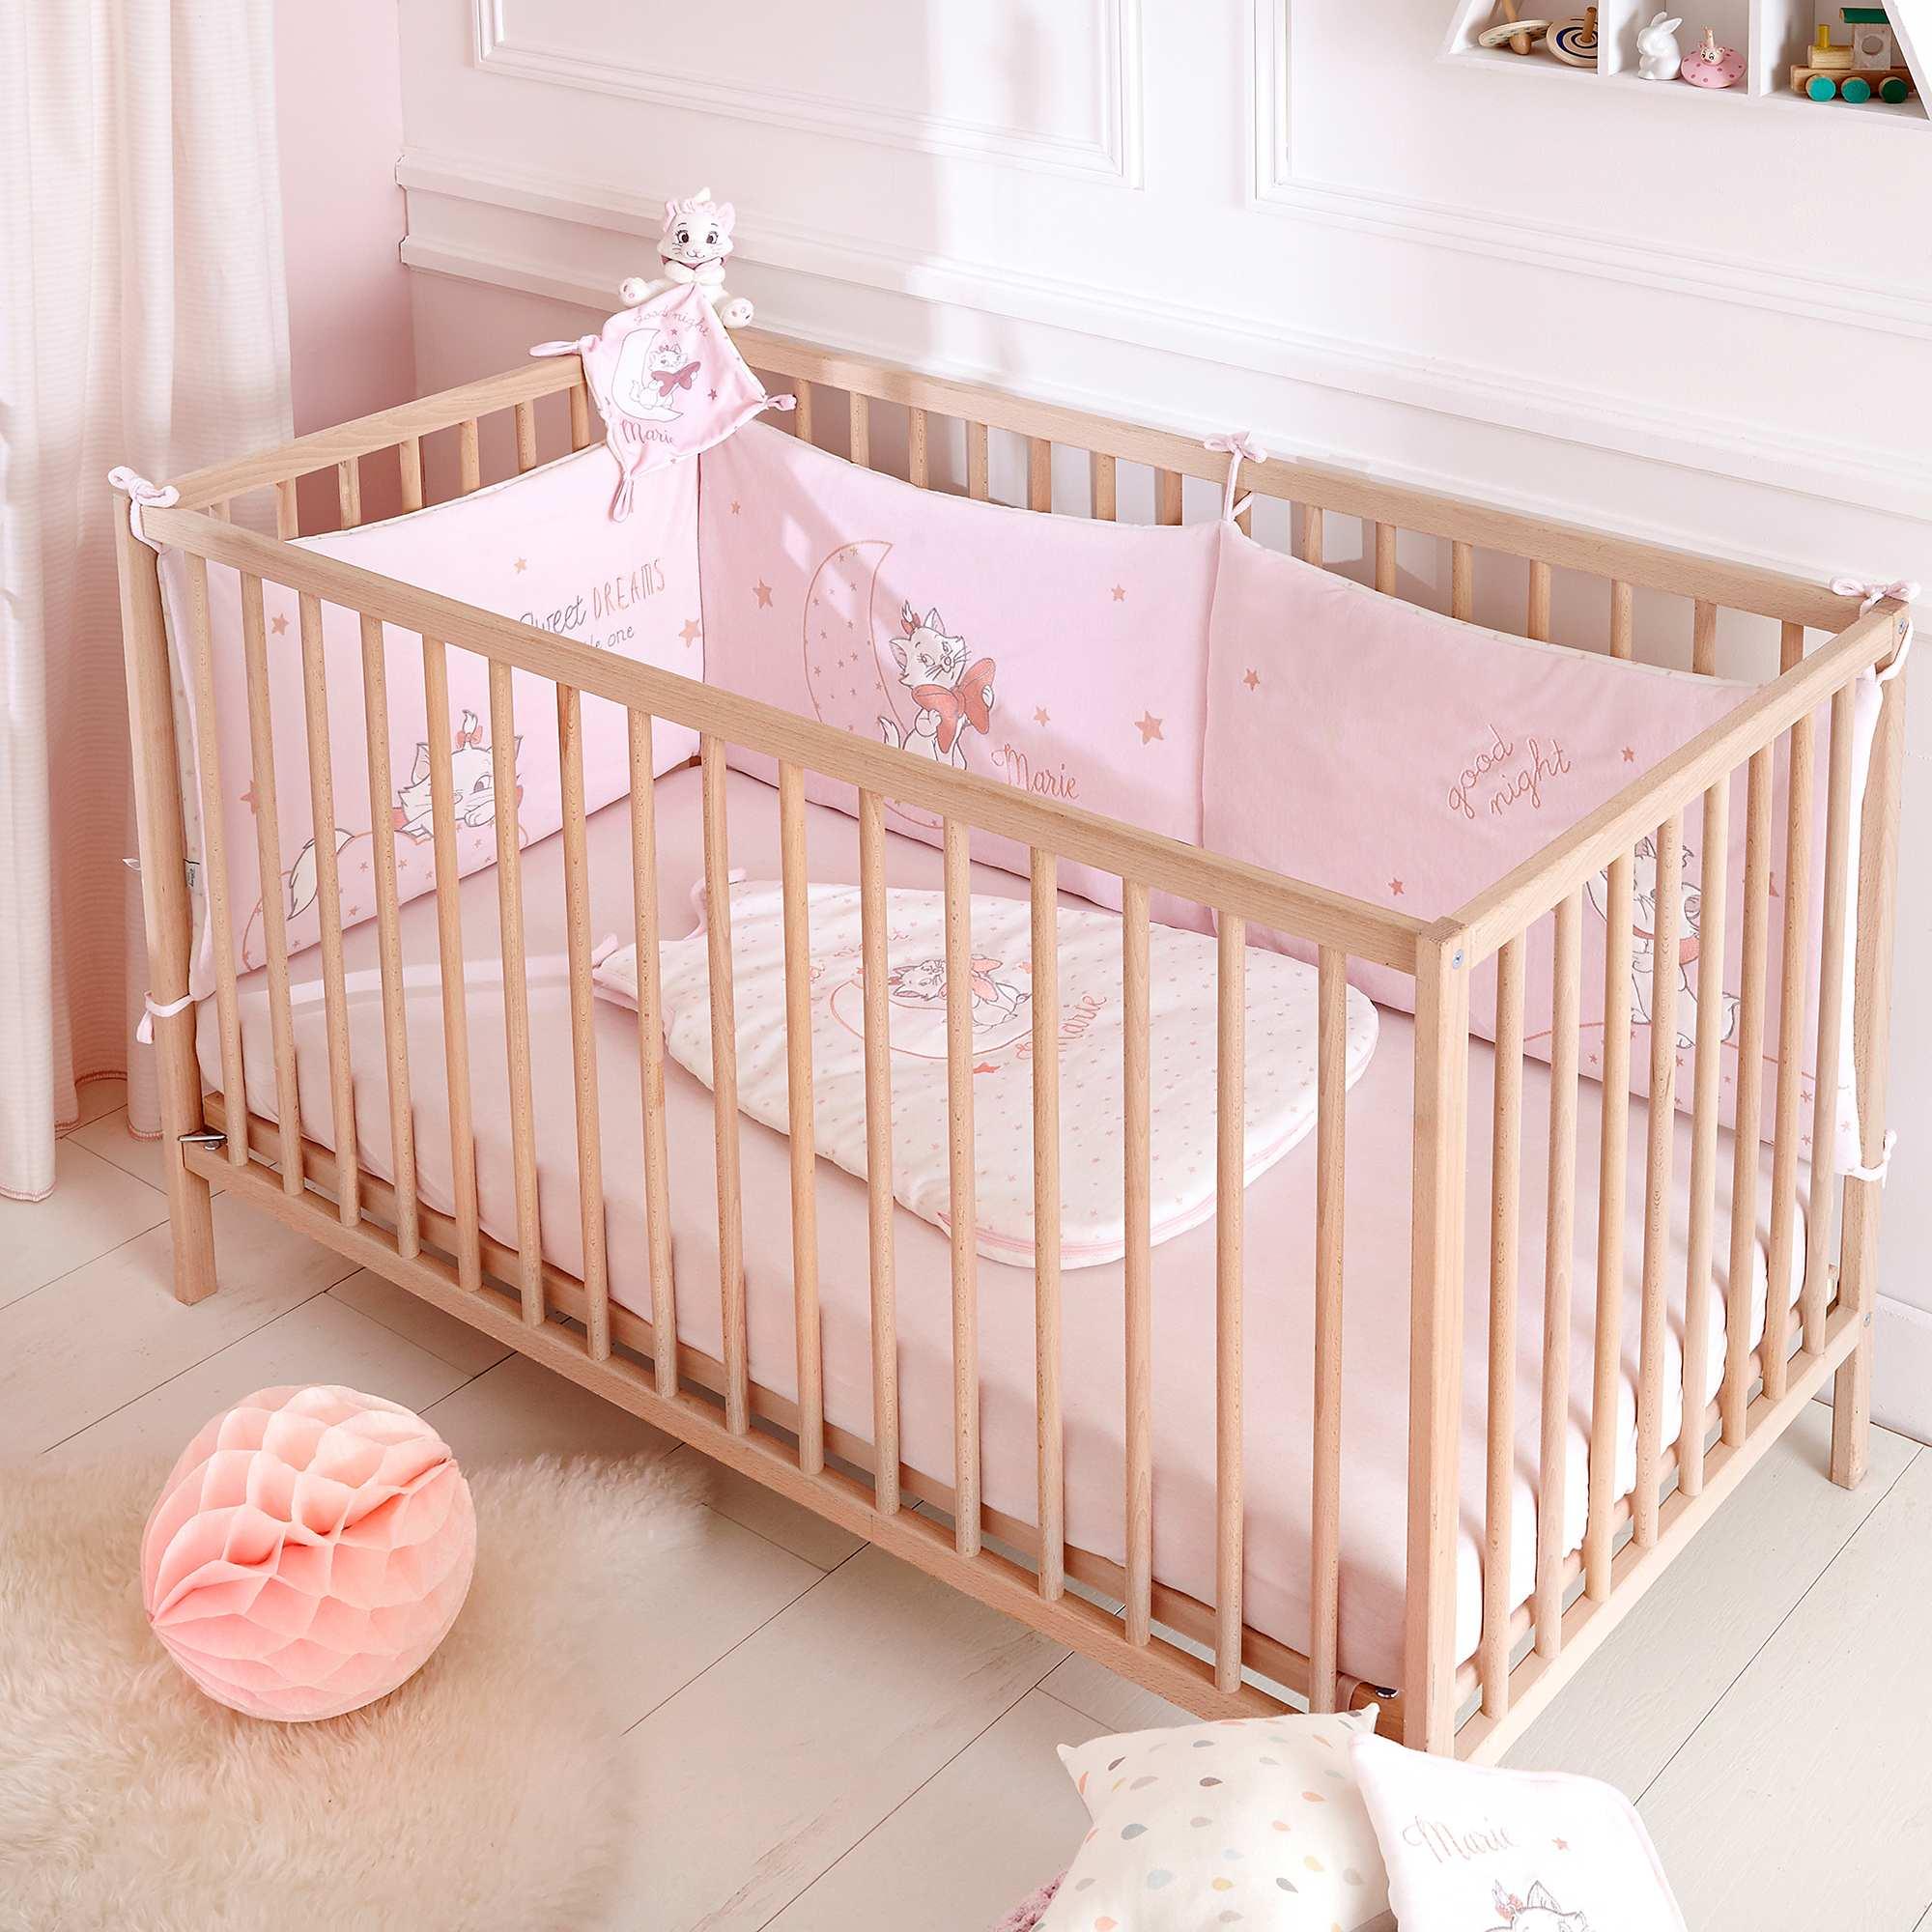 Couleur : rose pâle, , ,, - Taille : TU, , ,,Mettez son lit aux couleurs de 'Marie' des 'Aristochats' ! - Tour de lit en velours